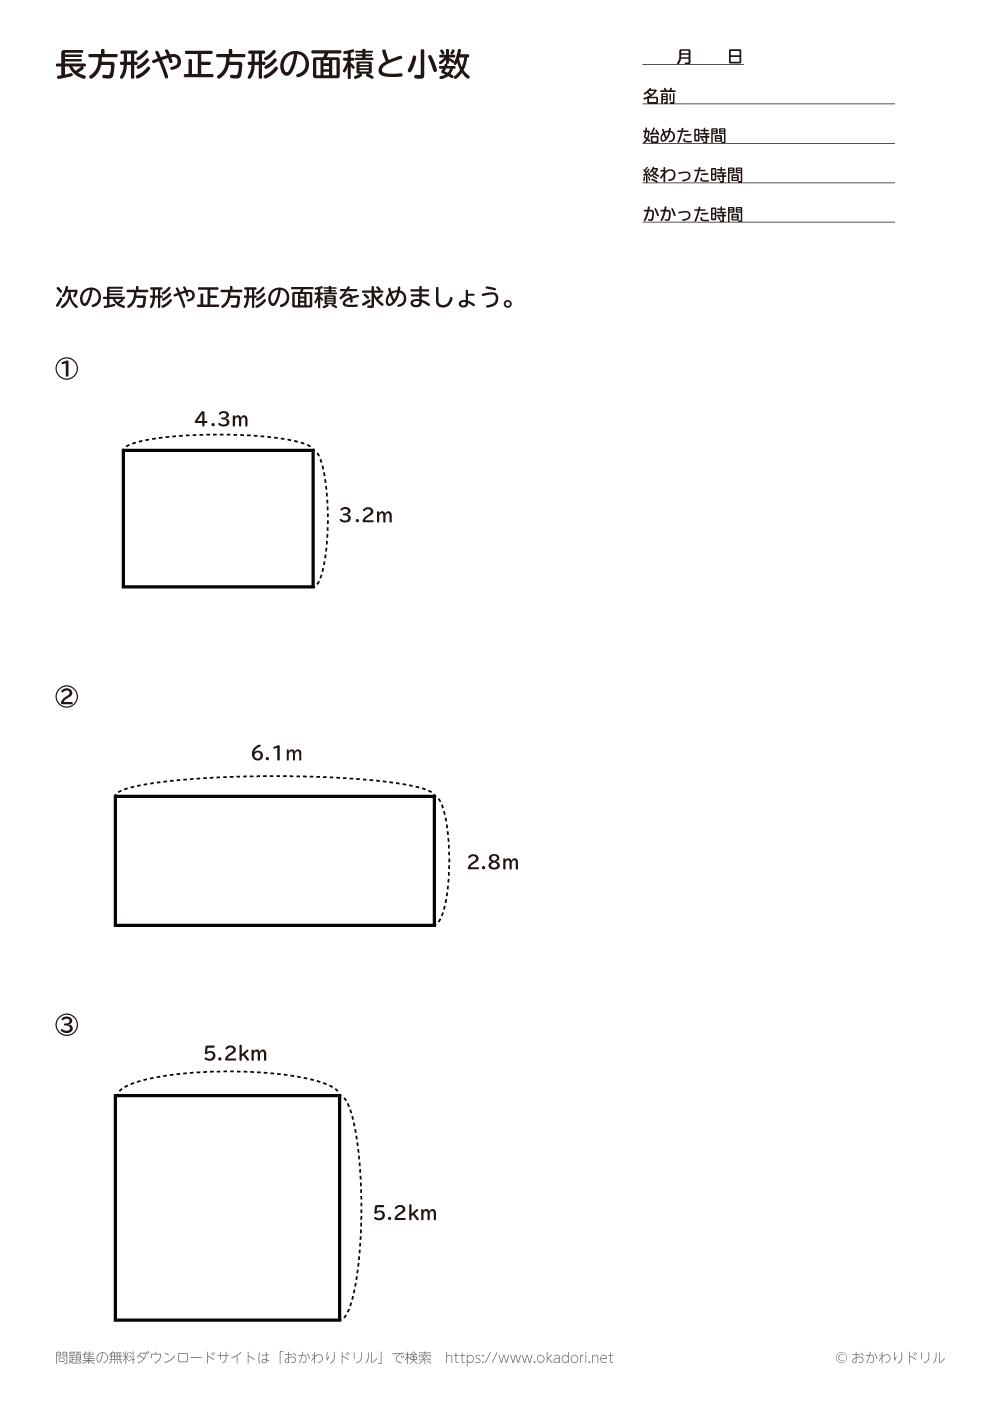 長方形や正方形の面積と小数3